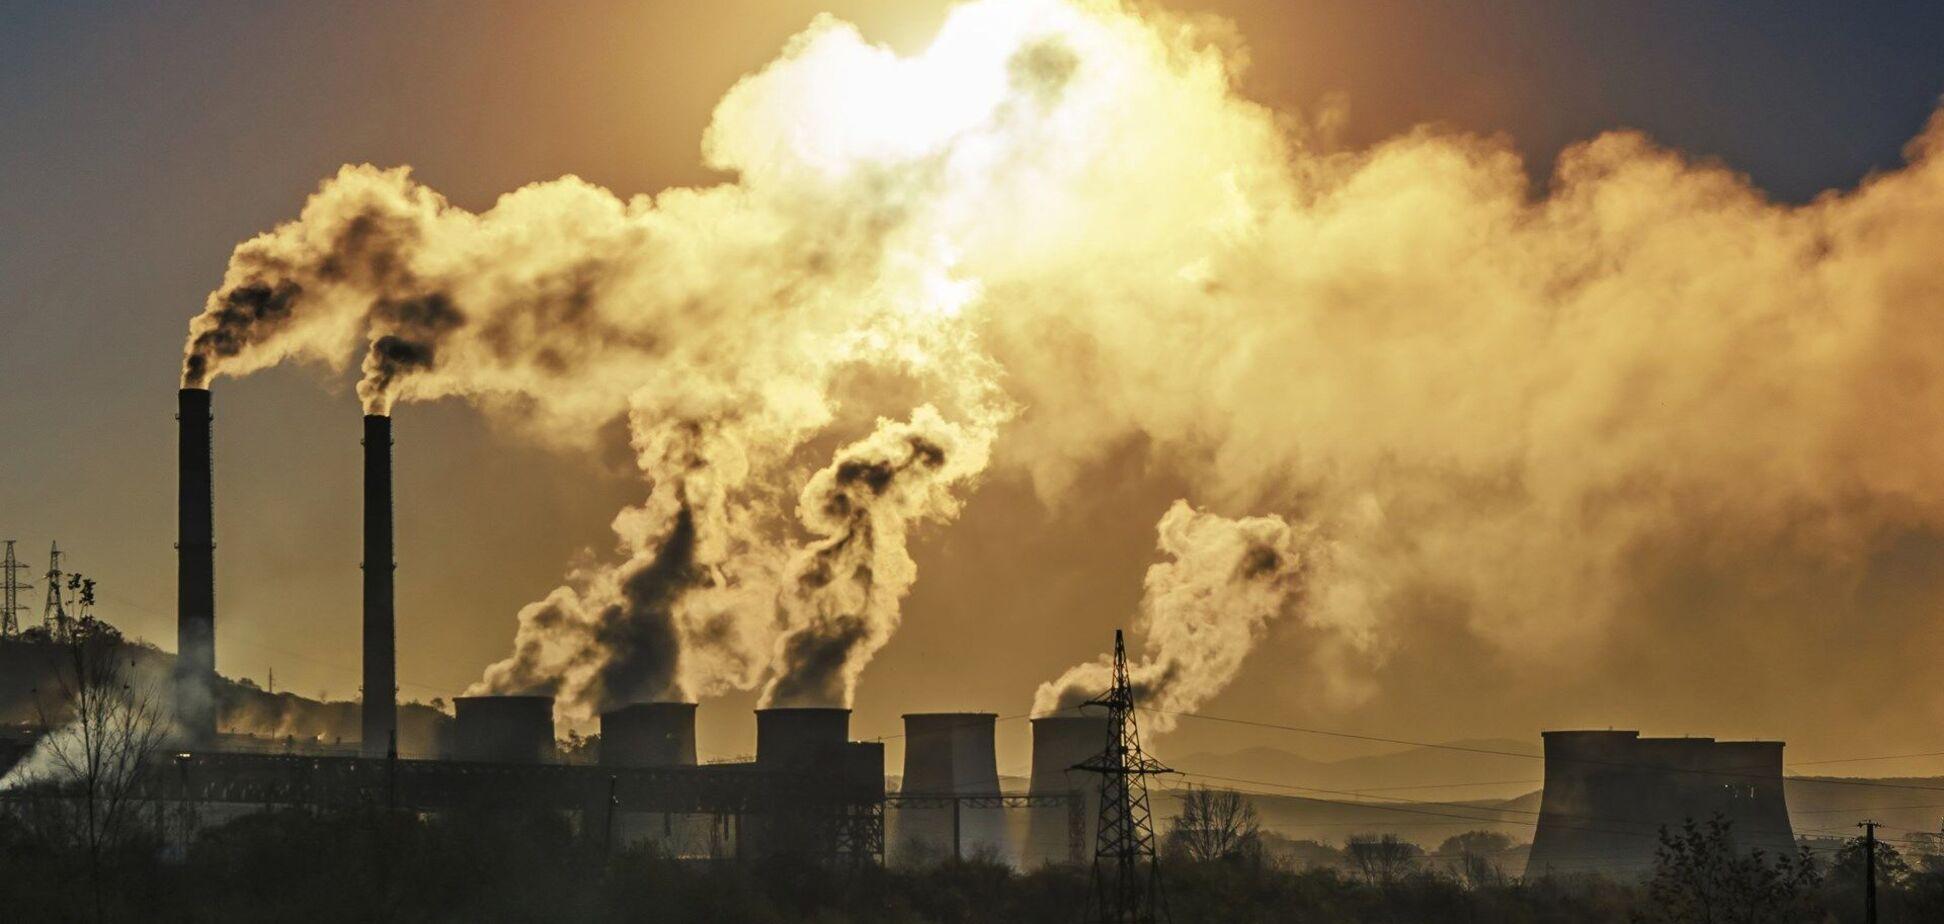 Закон про промислове забруднення може призвести до зупинки підприємств та загрожує національній безпеці України – РНБО